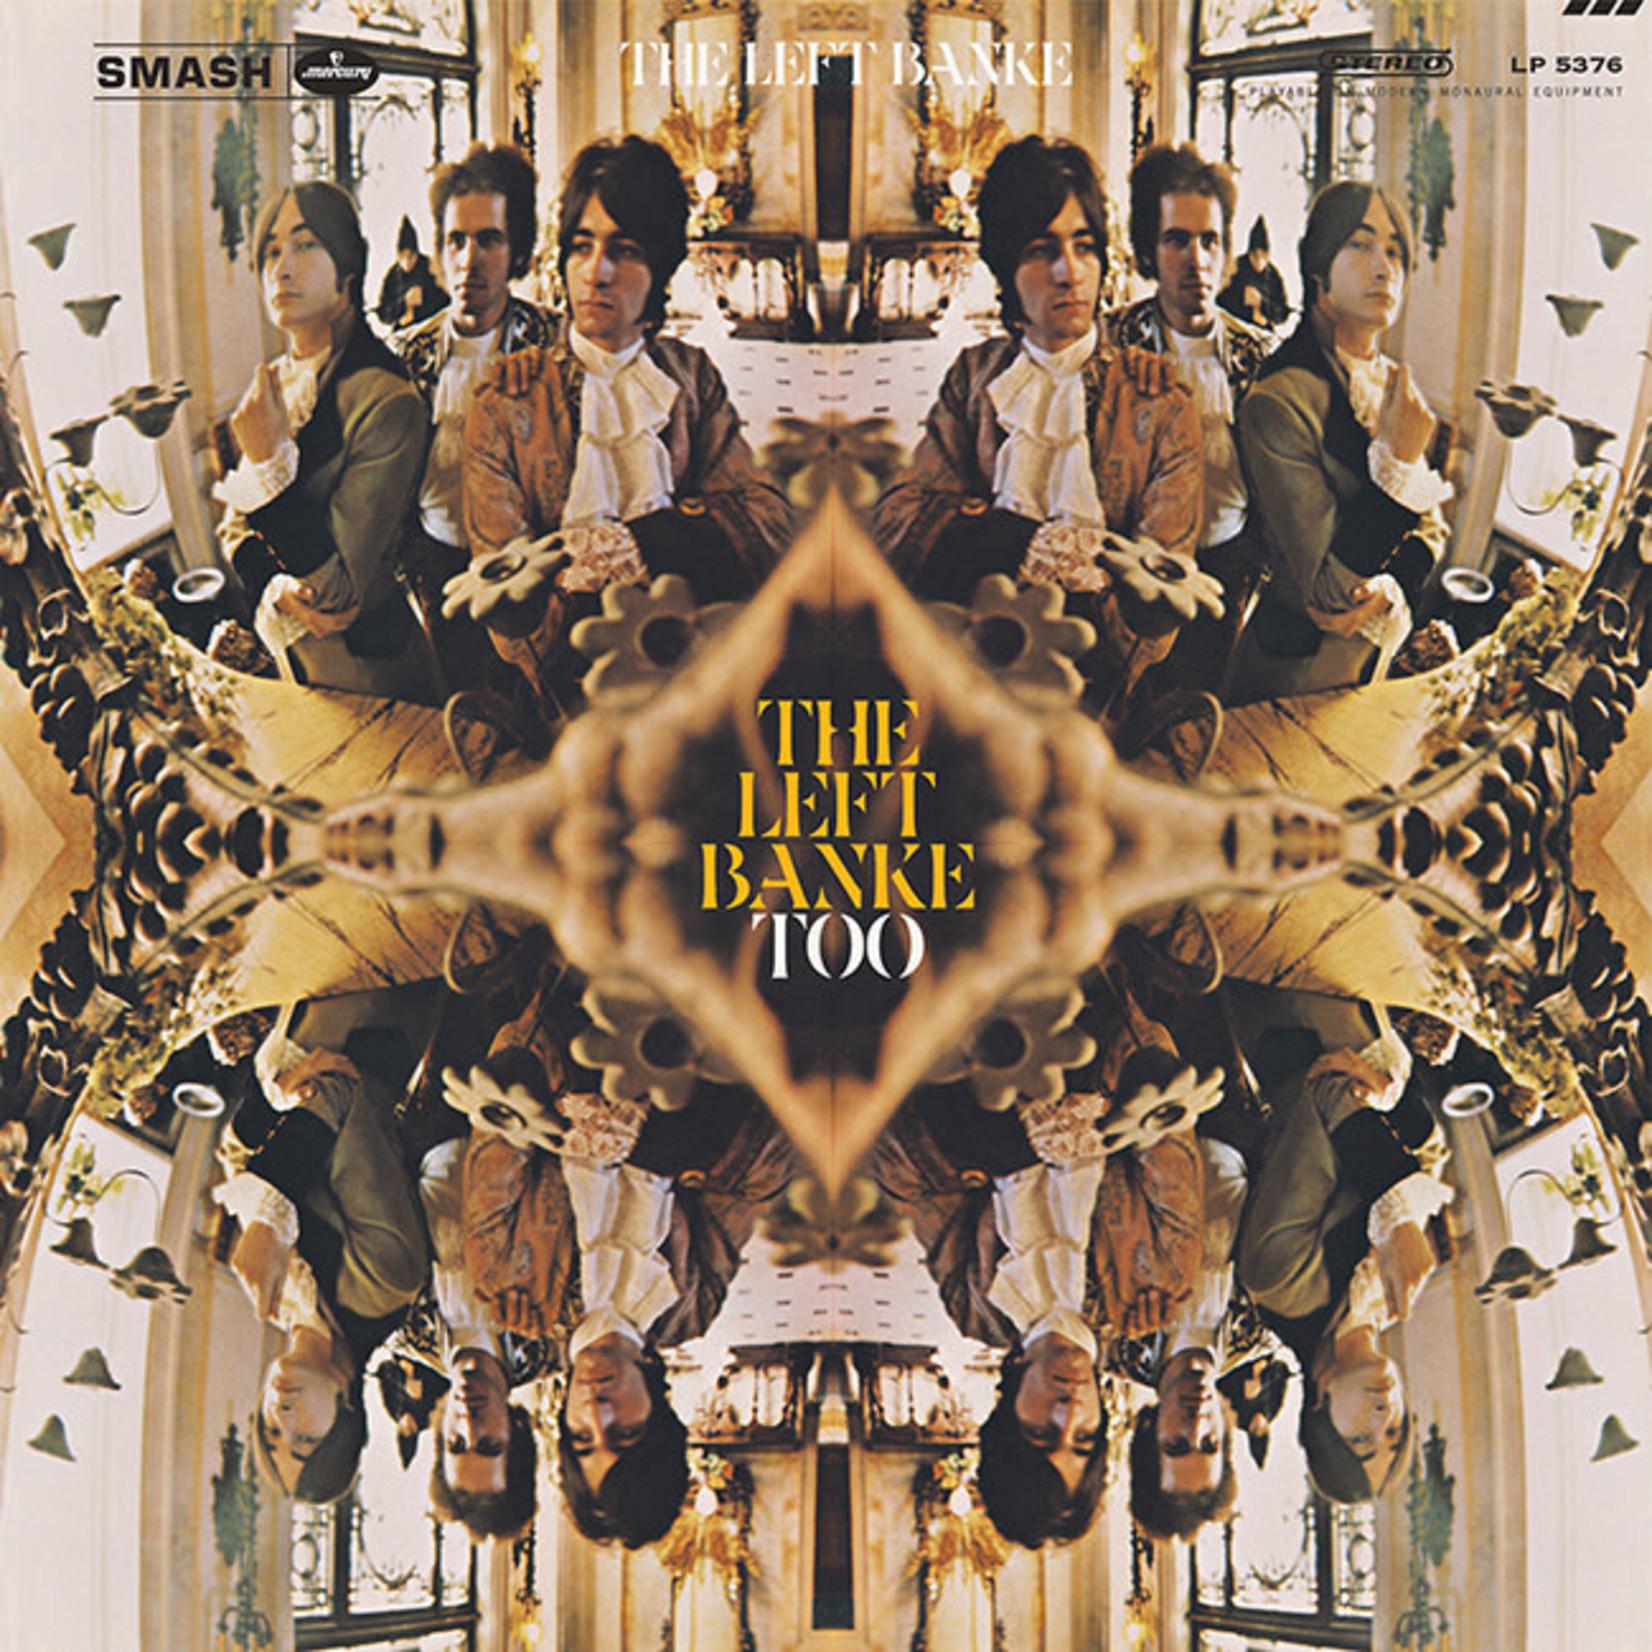 [New] Left Banke: The Left Banke Too (white vinyl)